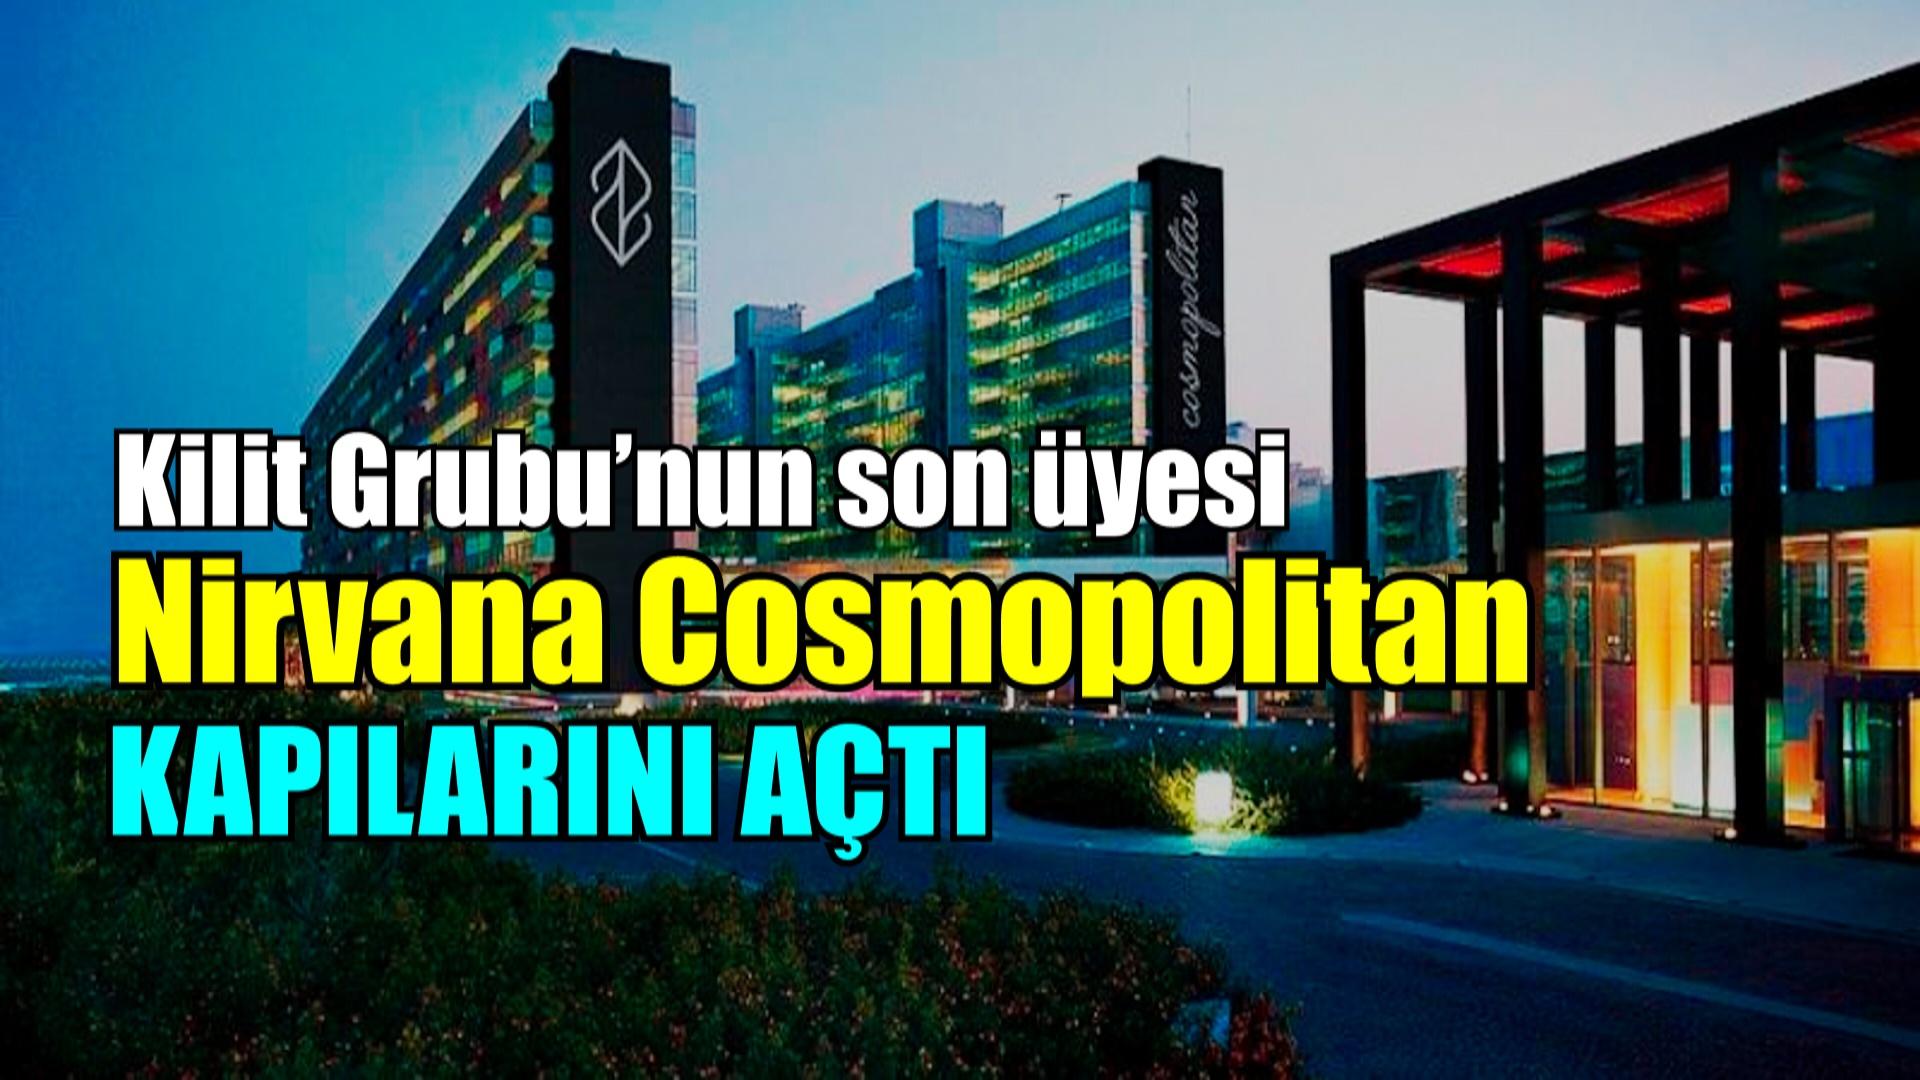 Nirvana Cosmopolitan kapılarını açtı